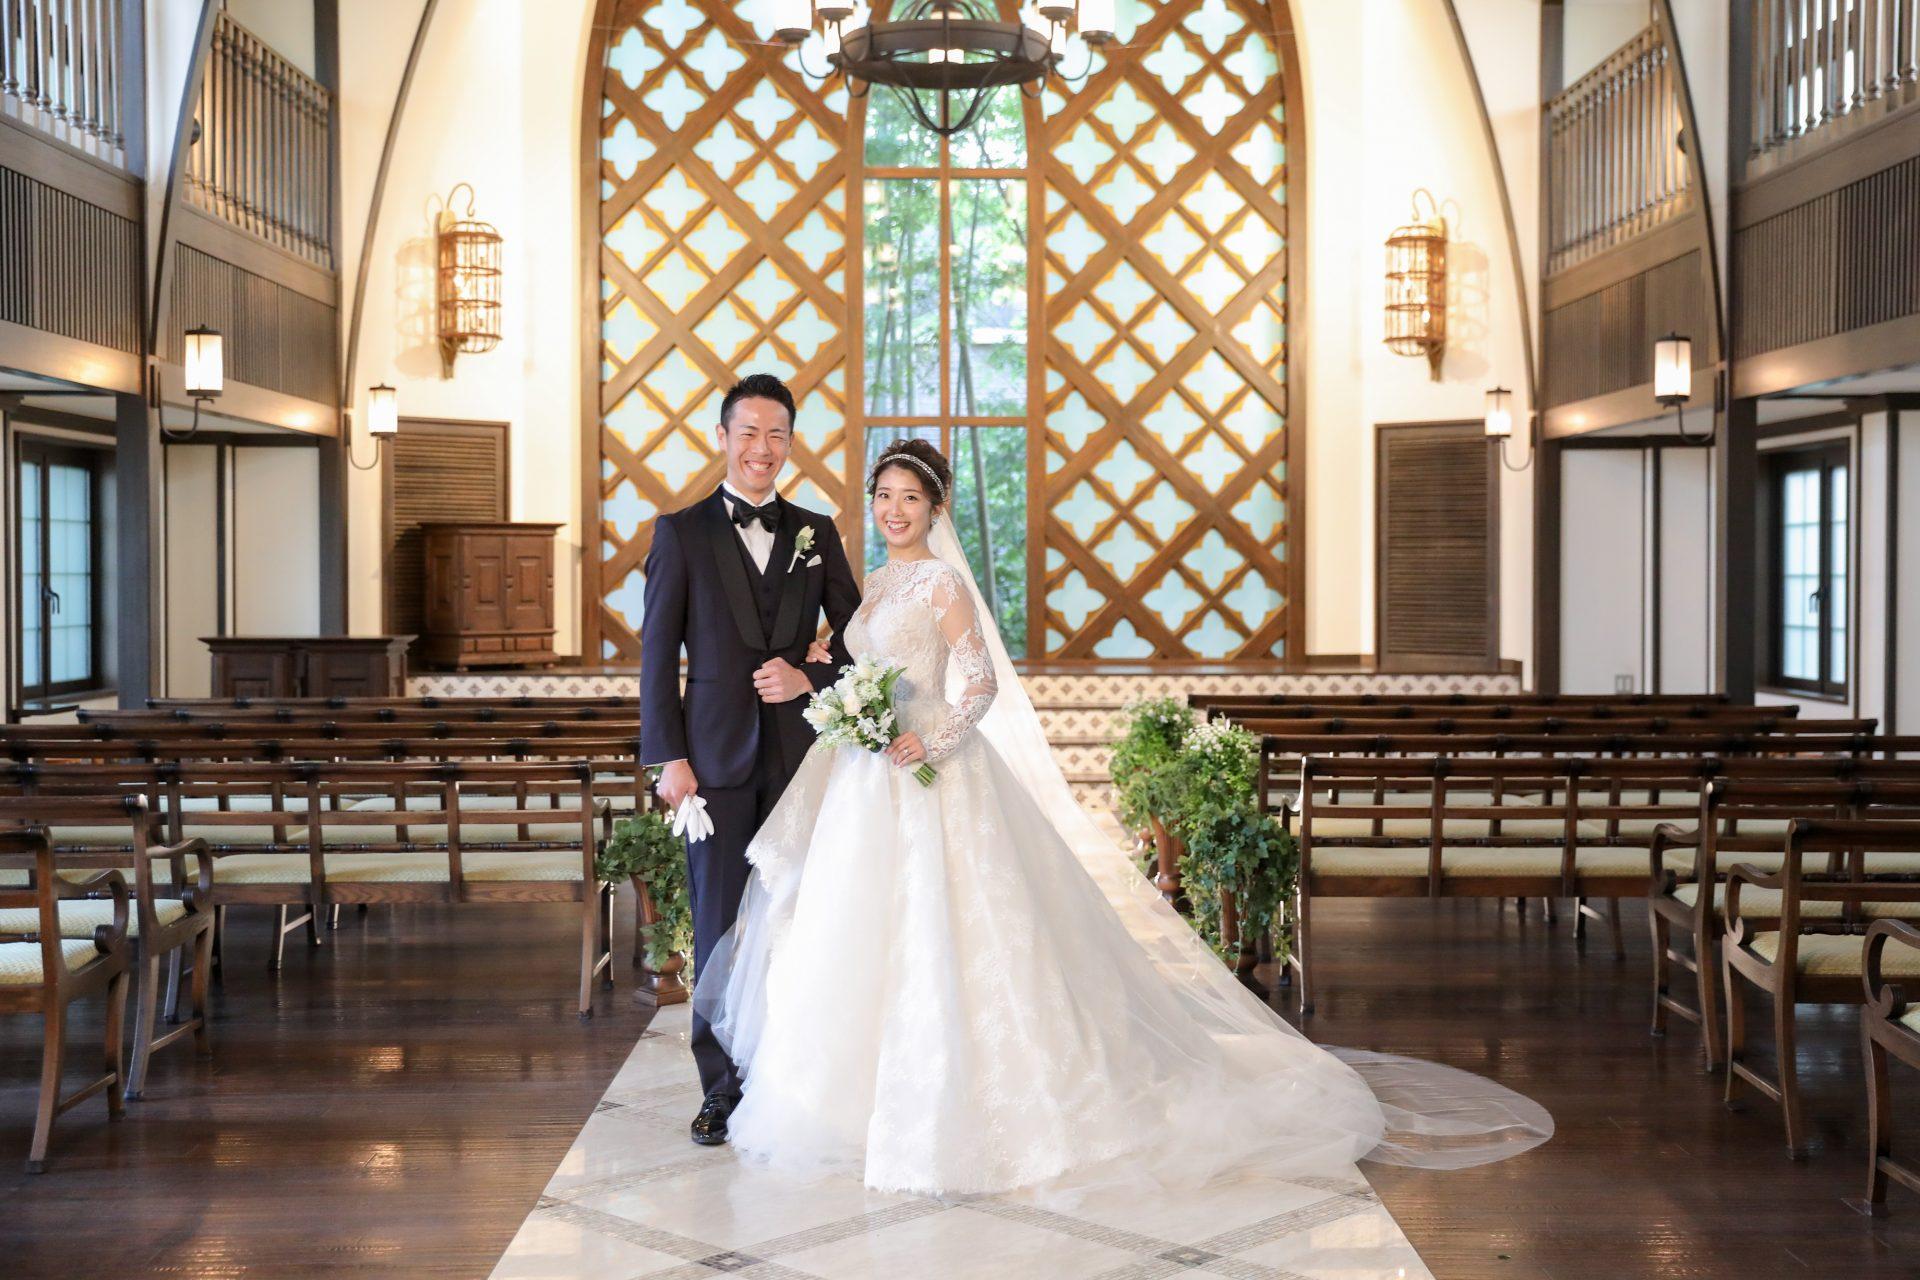 フォーチュンガーデン京都で結婚式を挙げられる方におすすめしたいネイビーのタキシードをさわやかにお召しになられたご新郎様とプリンセスラインの華やかなウェディングドレスの素敵なコーディネートのご新婦様